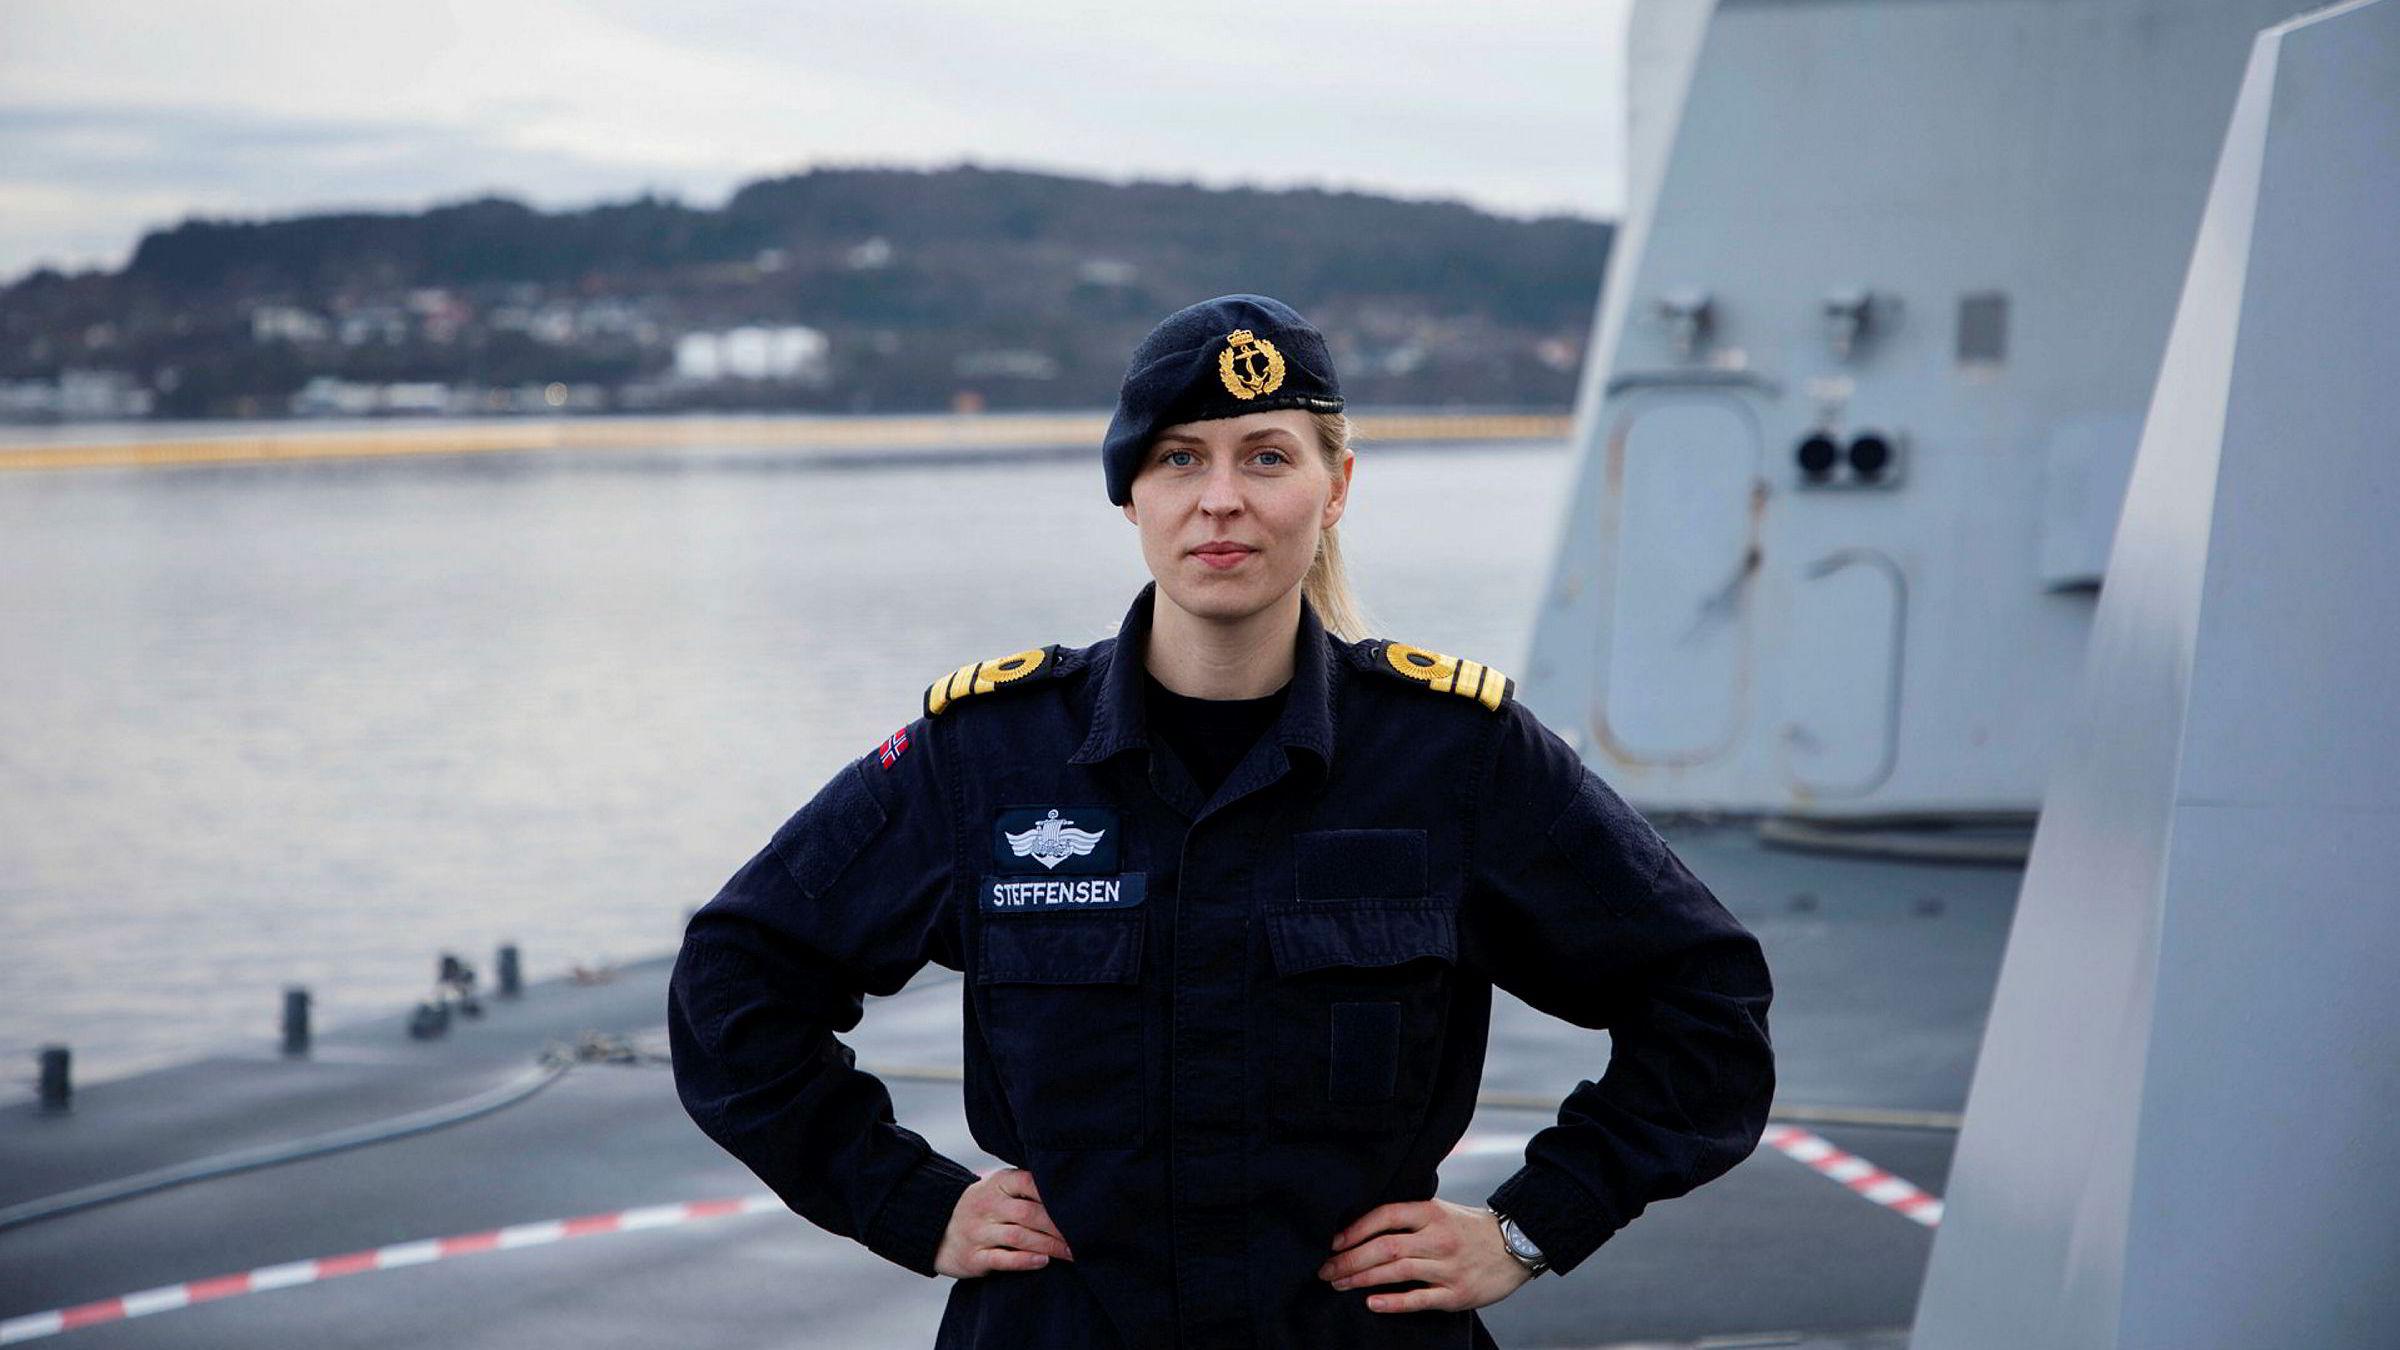 Hva er Forsvaret uten alle menneskene? Ingenting, fantastiske ingenting, skriver sjøoffiser Silje T. Steffensen, her om bord på KNM Thor Heyerdahl.